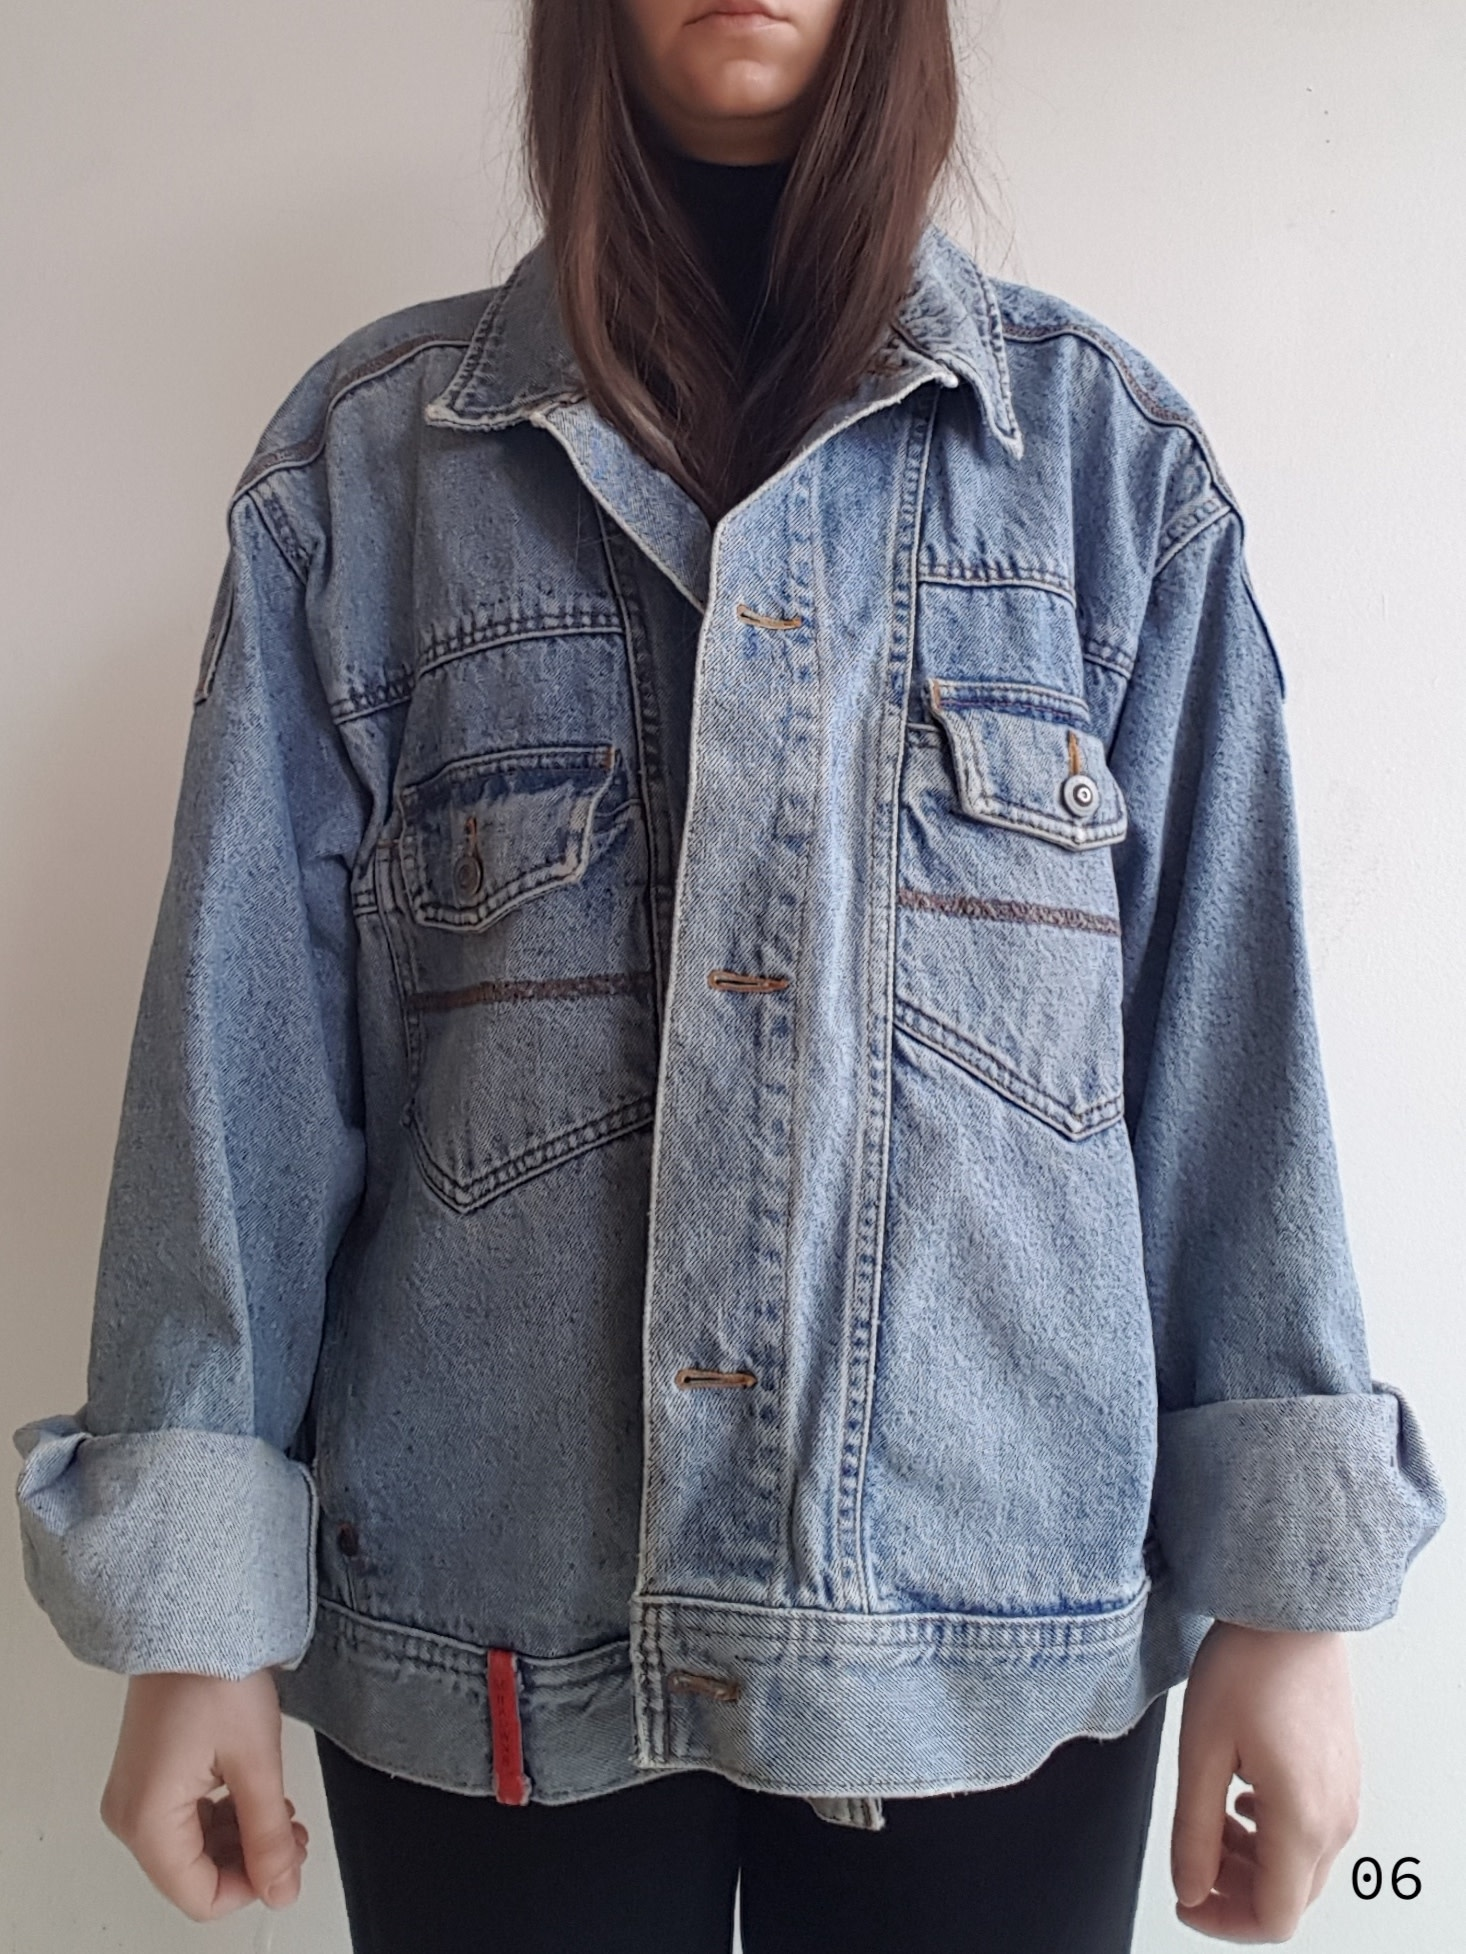 Annex Vintage Vestes en jean avec détails